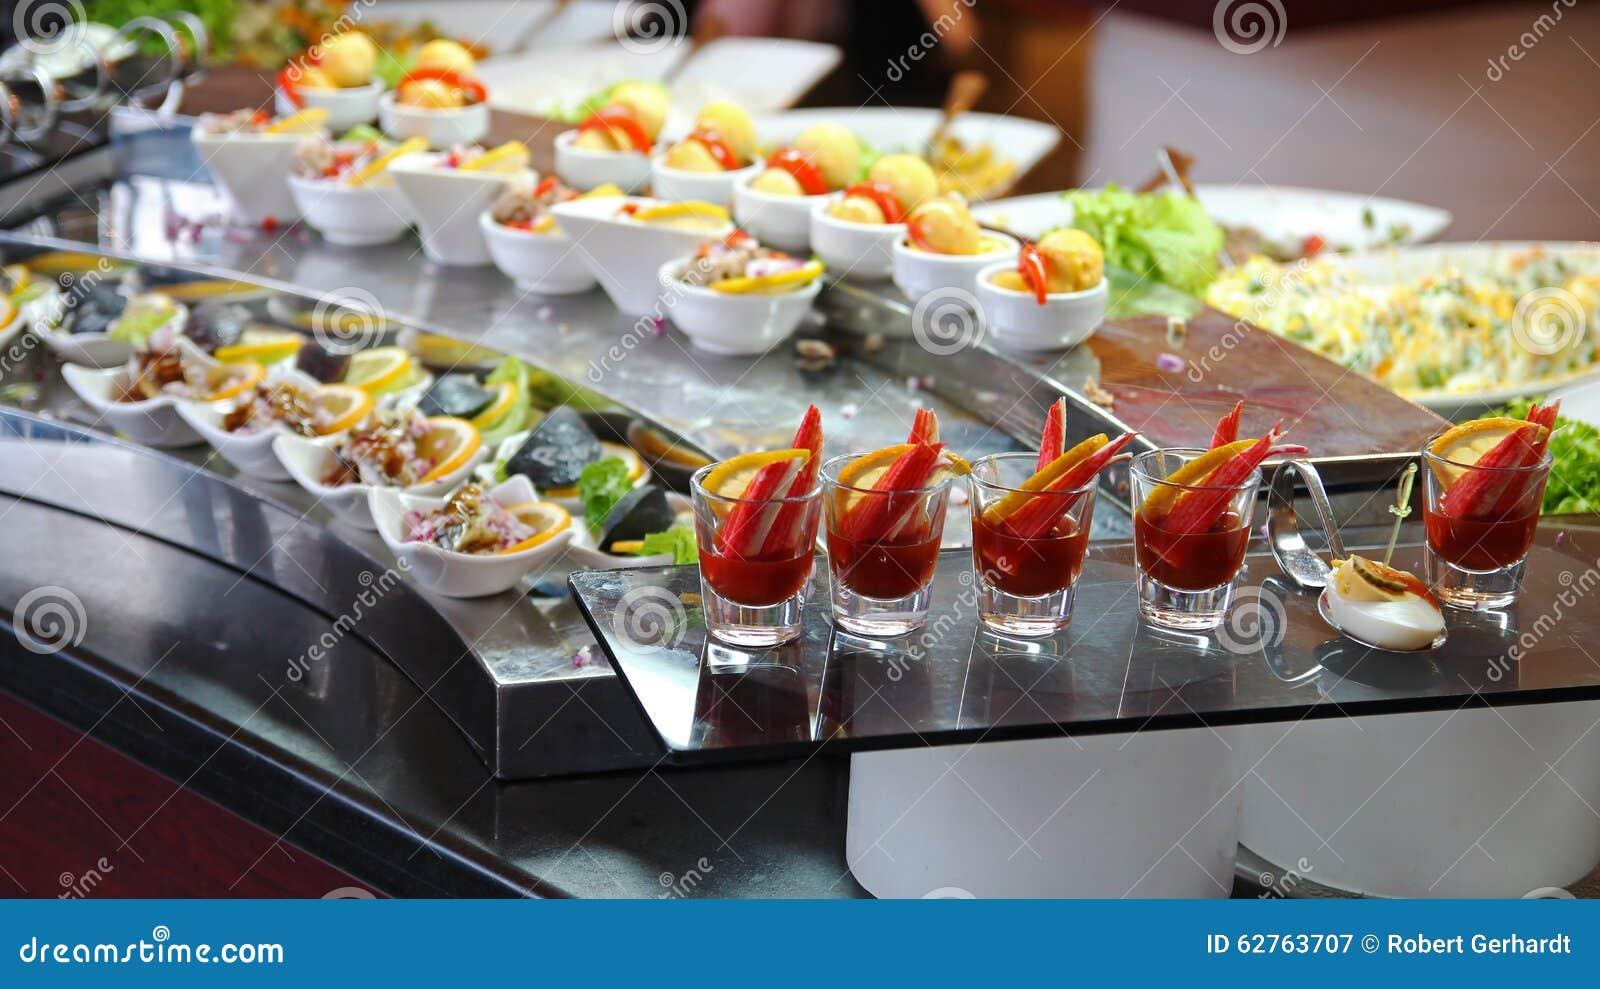 Assez Buffet De Nourriture Dans Le Restaurant De Luxe Photo stock  RH74